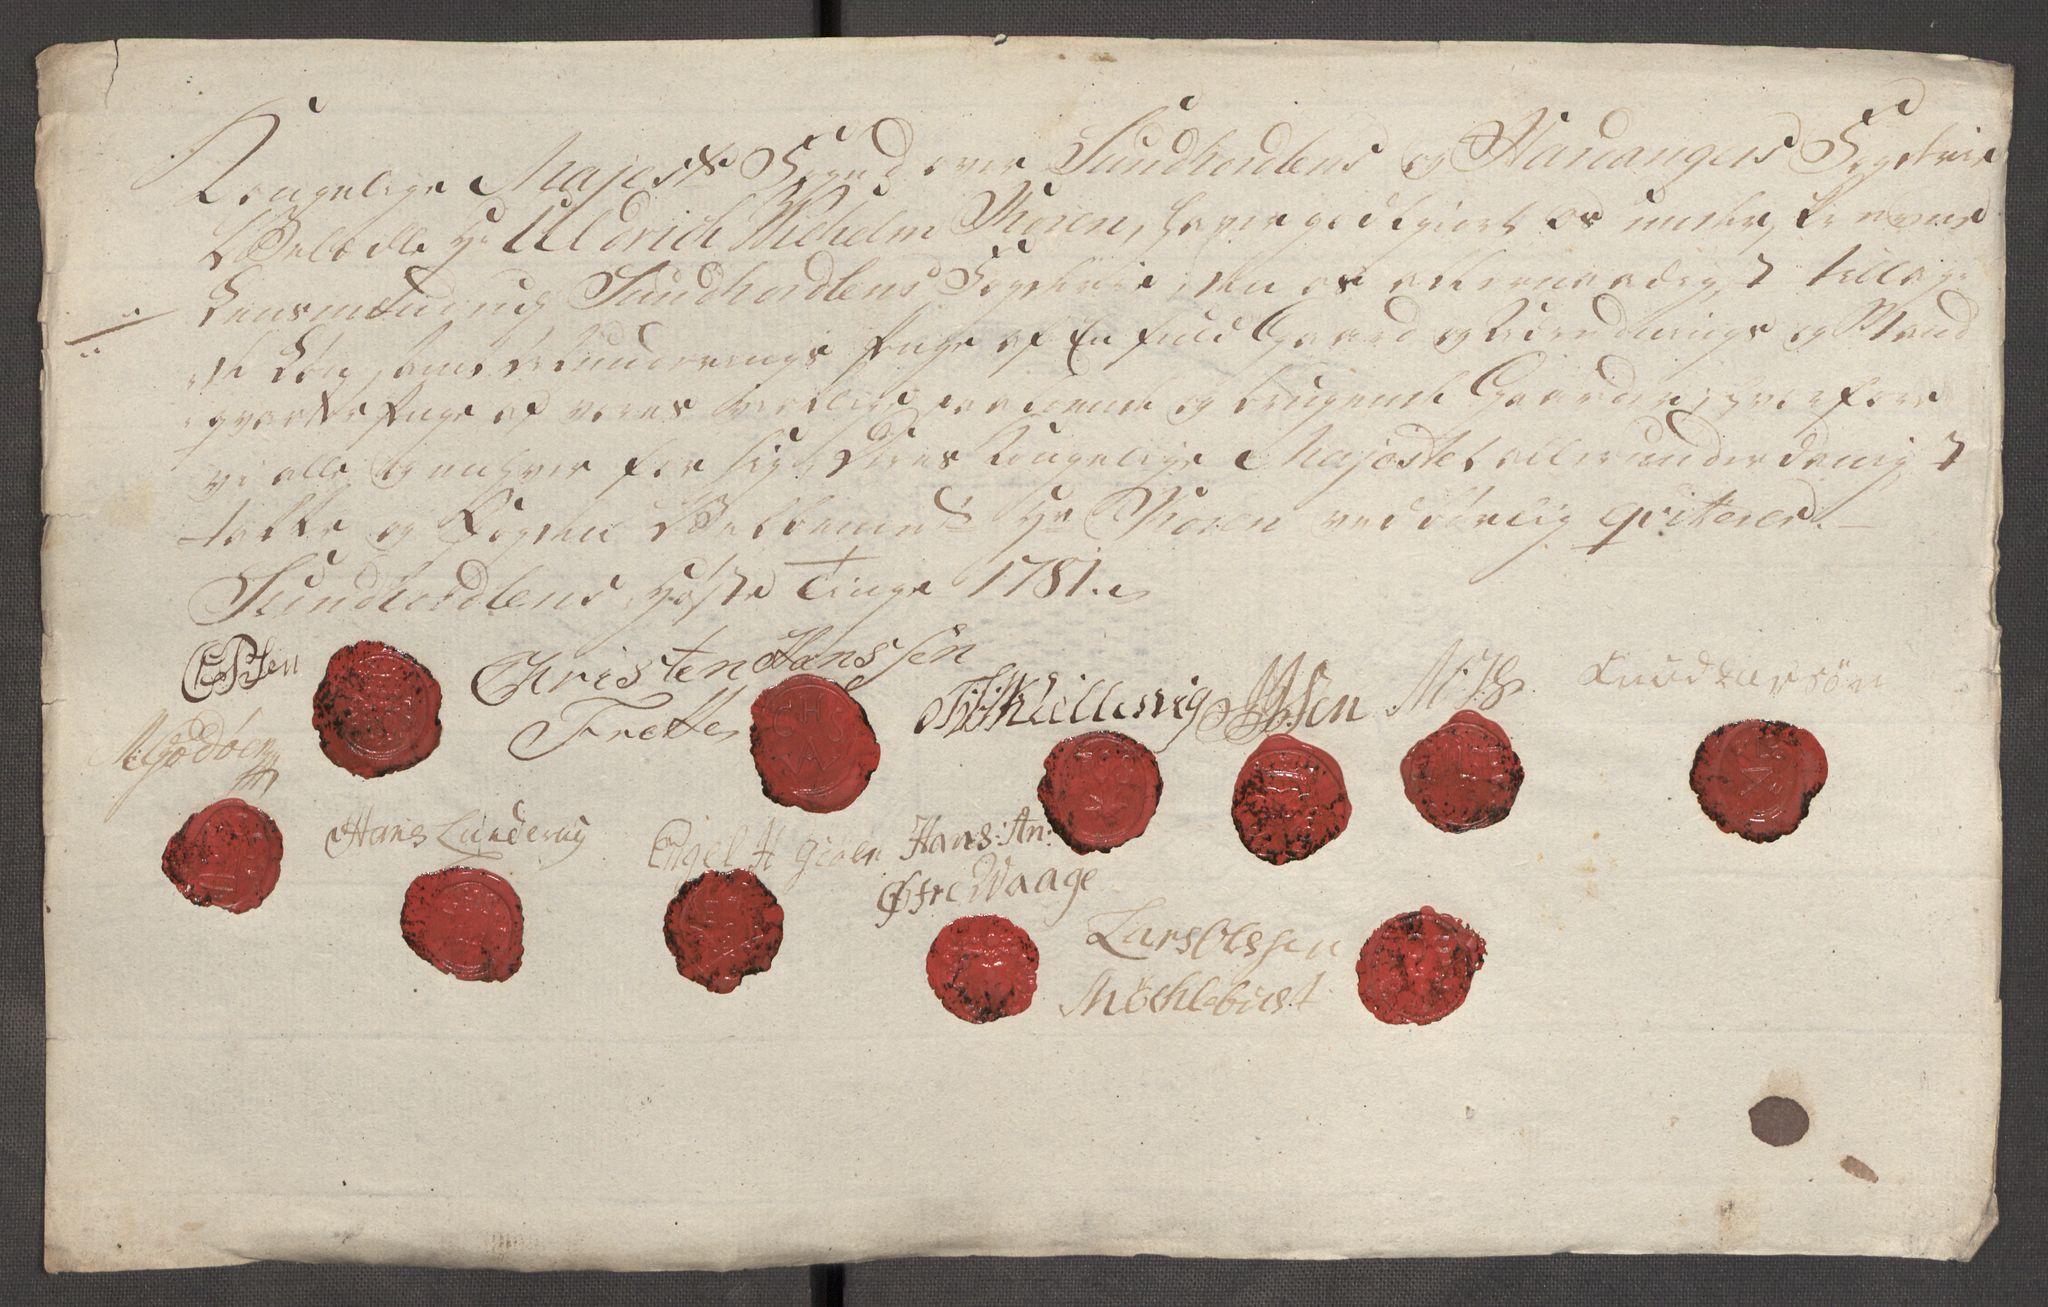 RA, Rentekammeret inntil 1814, Reviderte regnskaper, Fogderegnskap, R48/L3097: Fogderegnskap Sunnhordland og Hardanger, 1781, s. 345